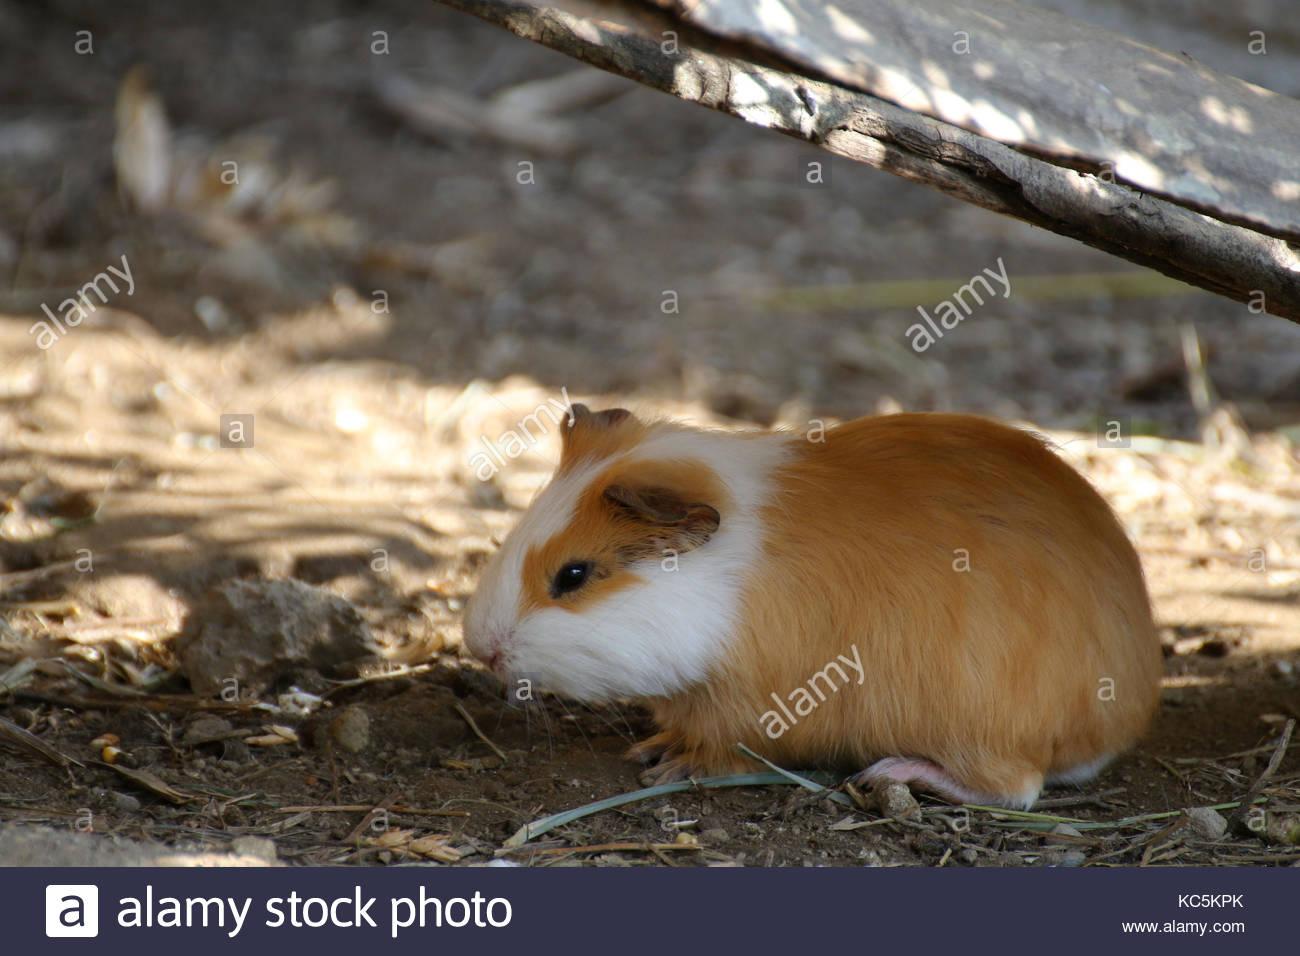 Guinea pig - cavia porcellus - Stock Image